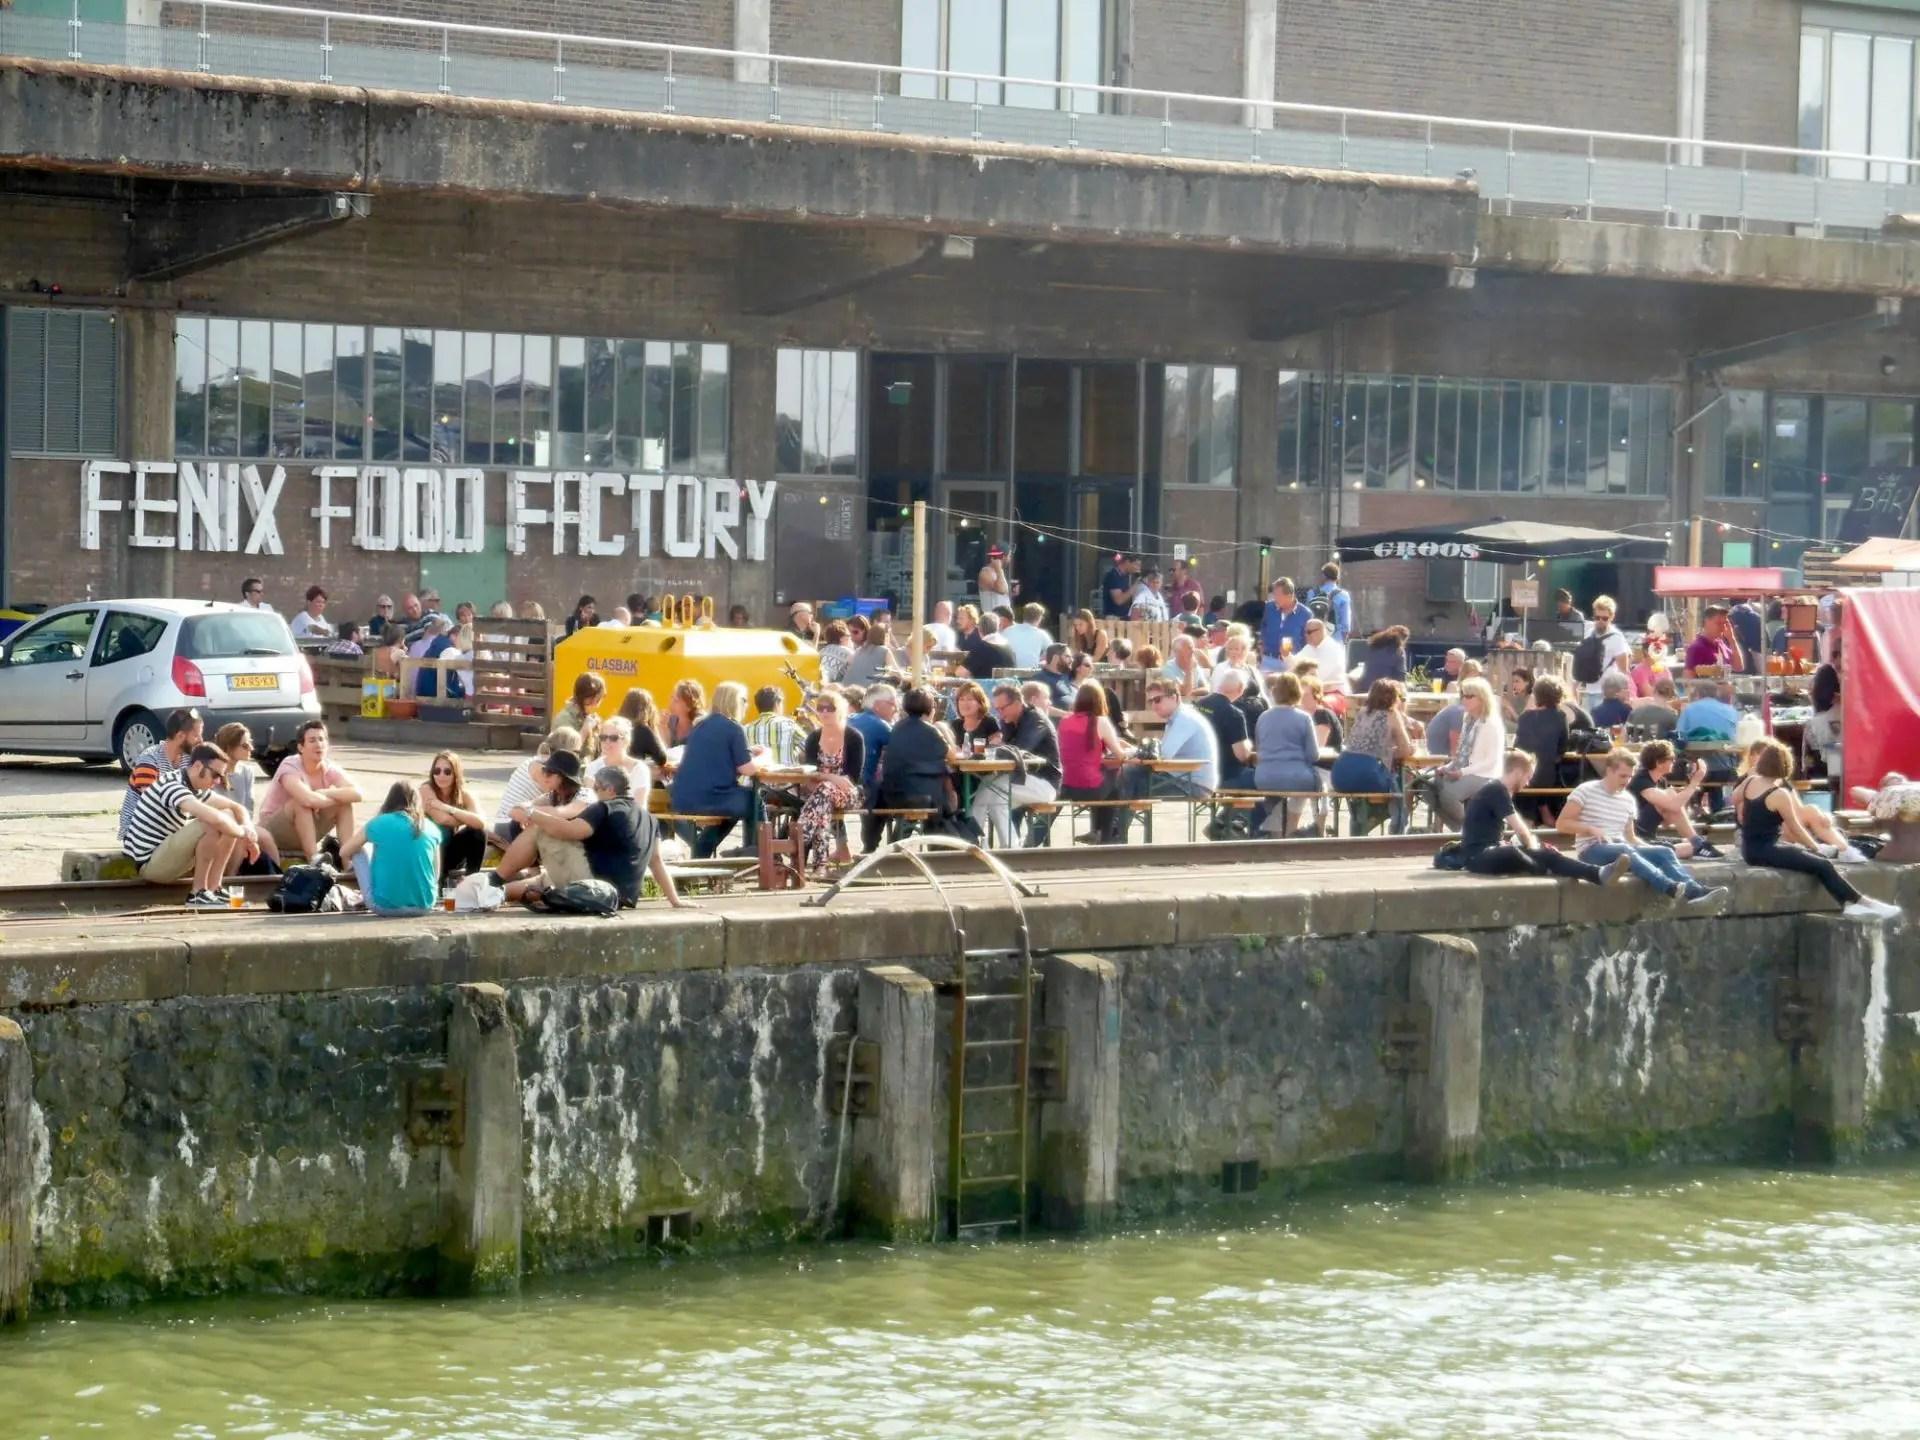 Aan het water Fenix Food Factory